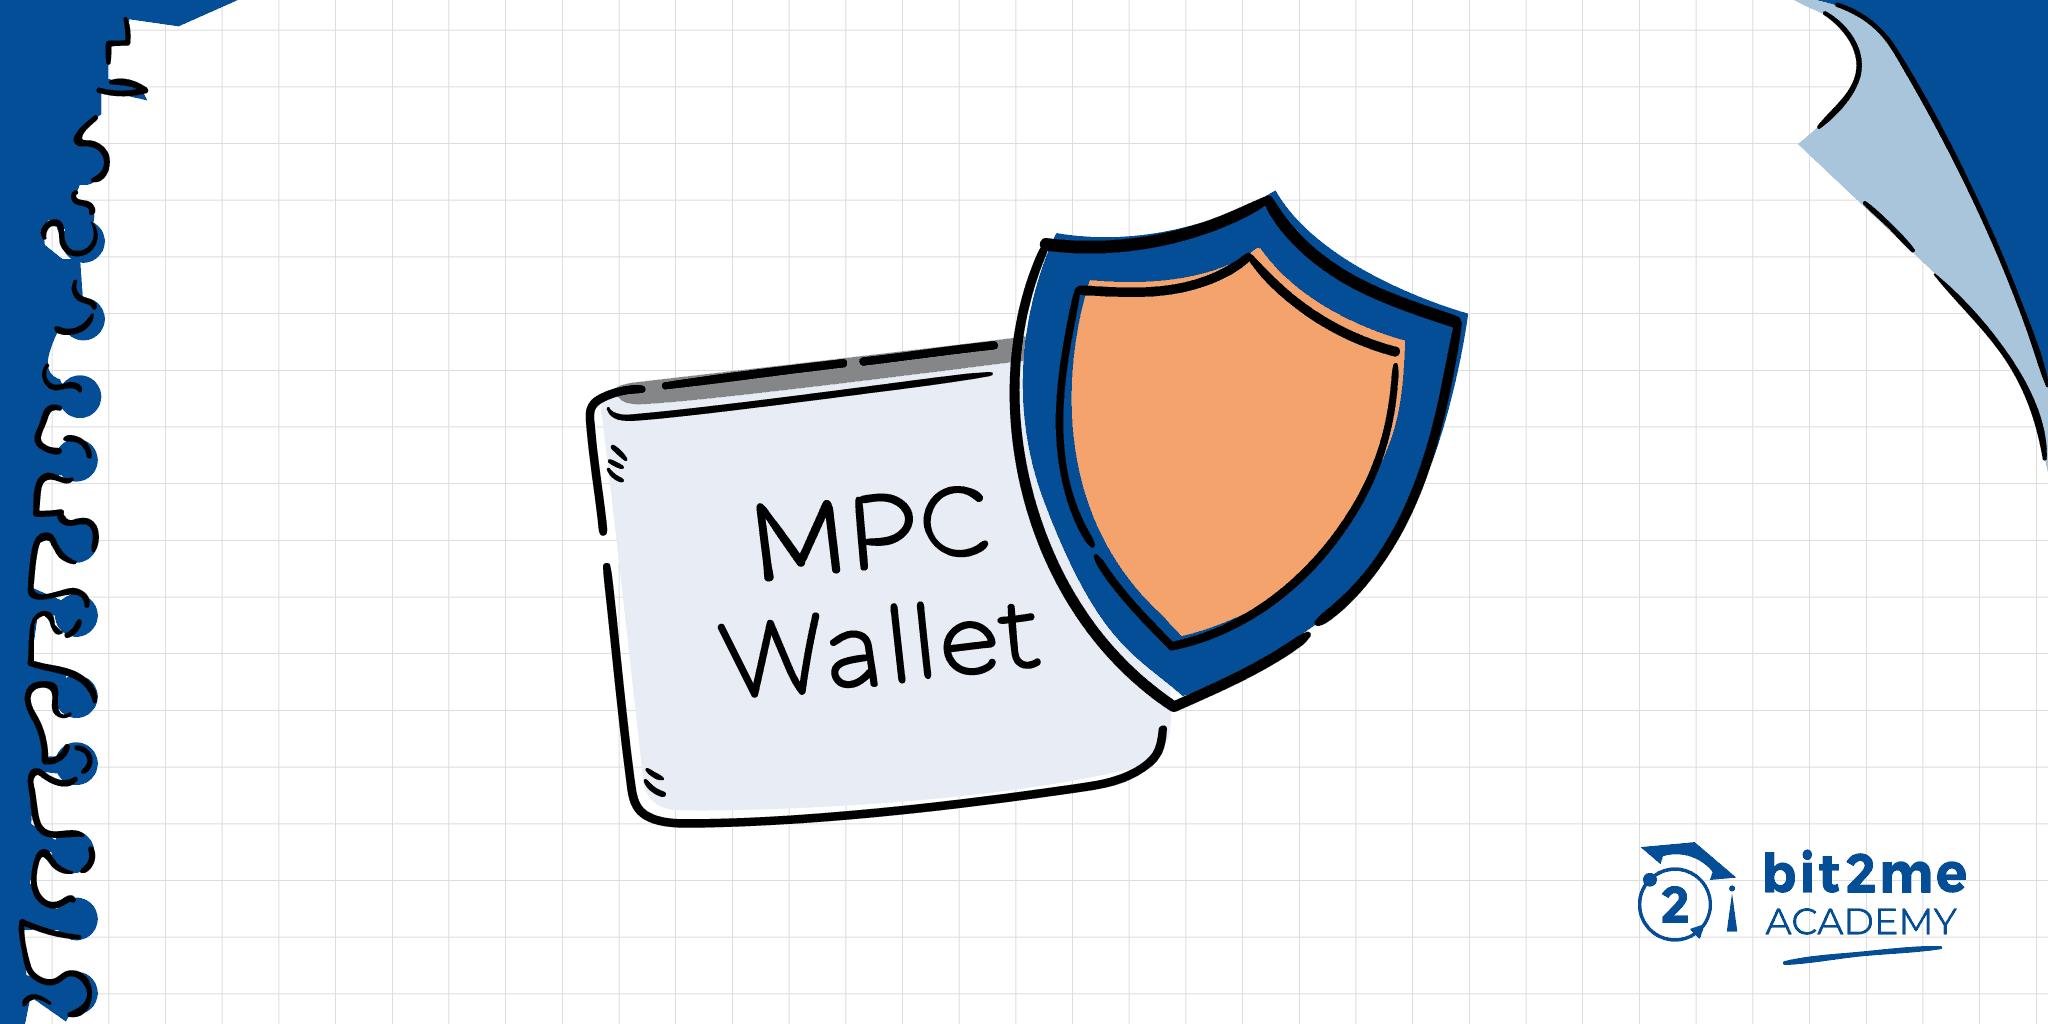 criptomoedas de carteira mpc